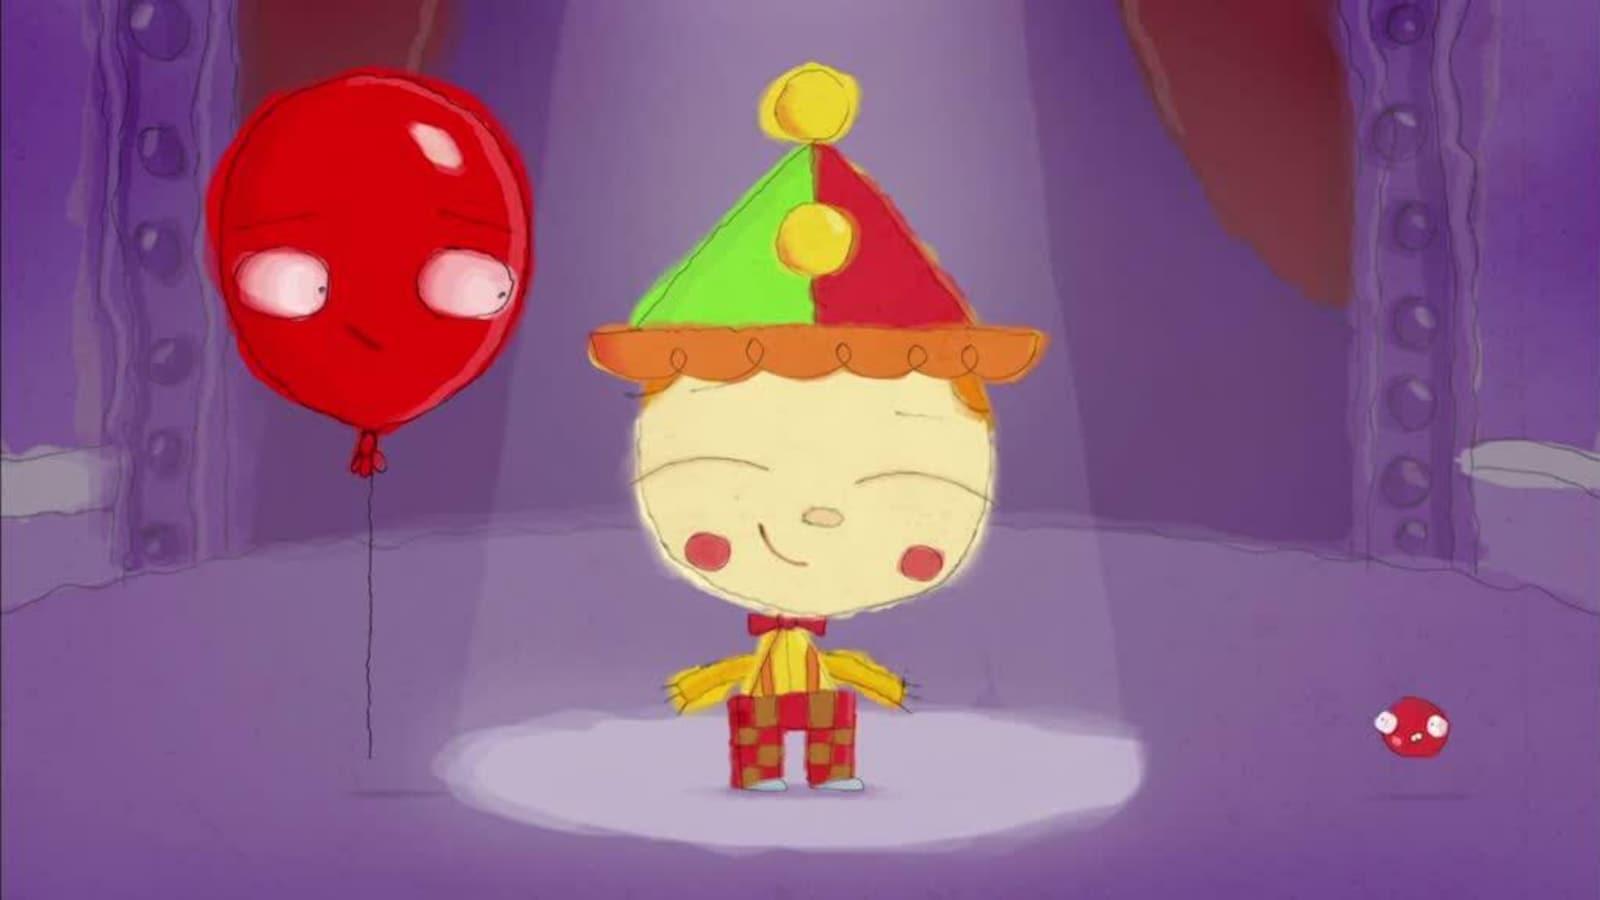 12. Päivä, jolloin Henry tapasi... ilmapallon